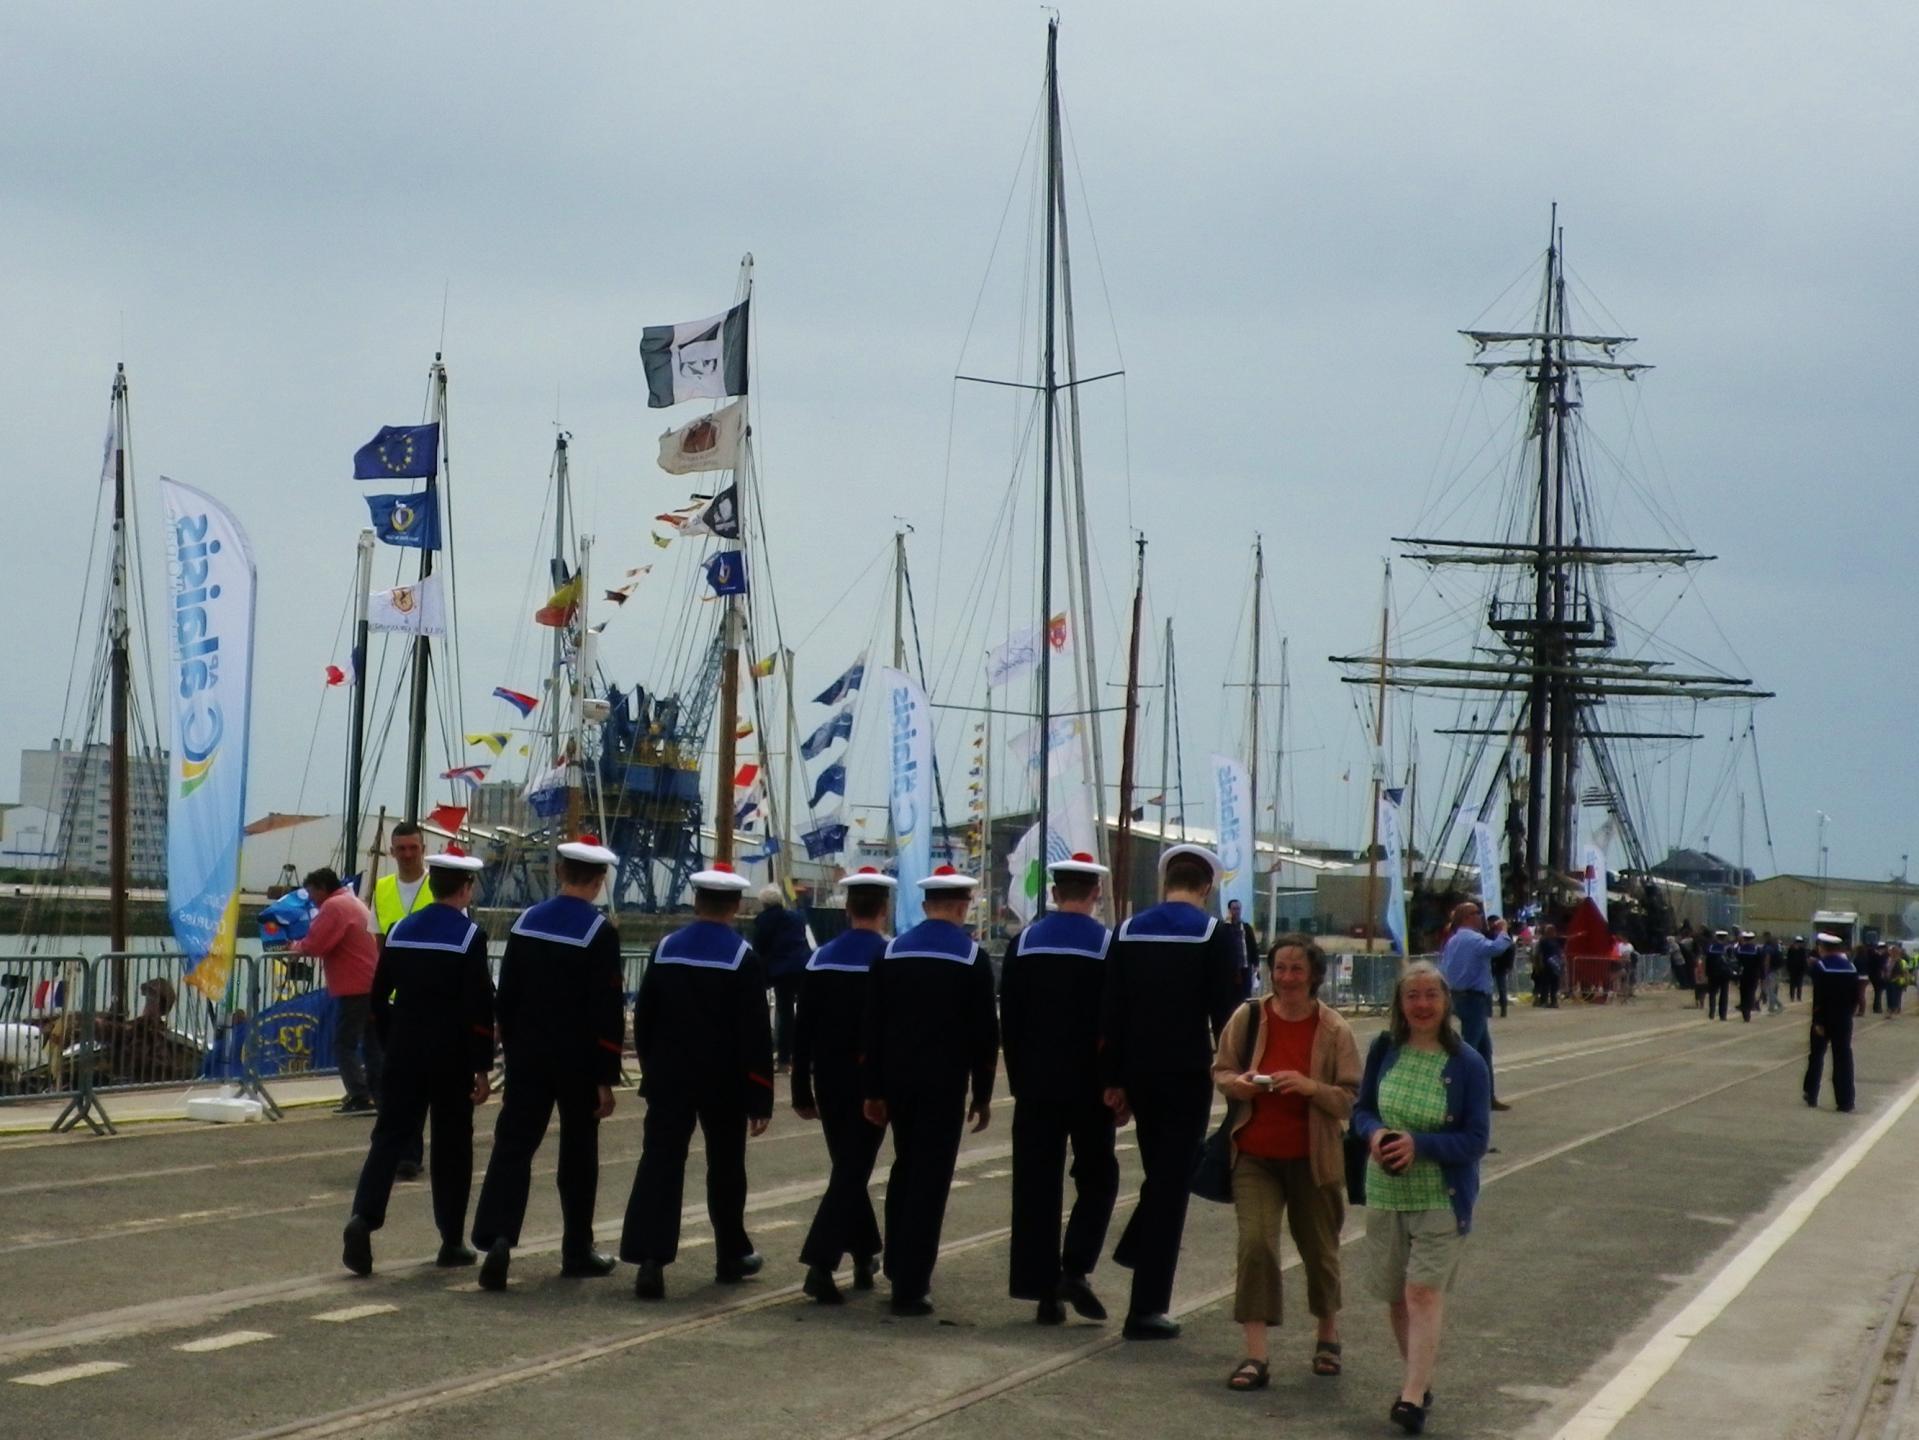 Vive la marine fete maritime calais 2014